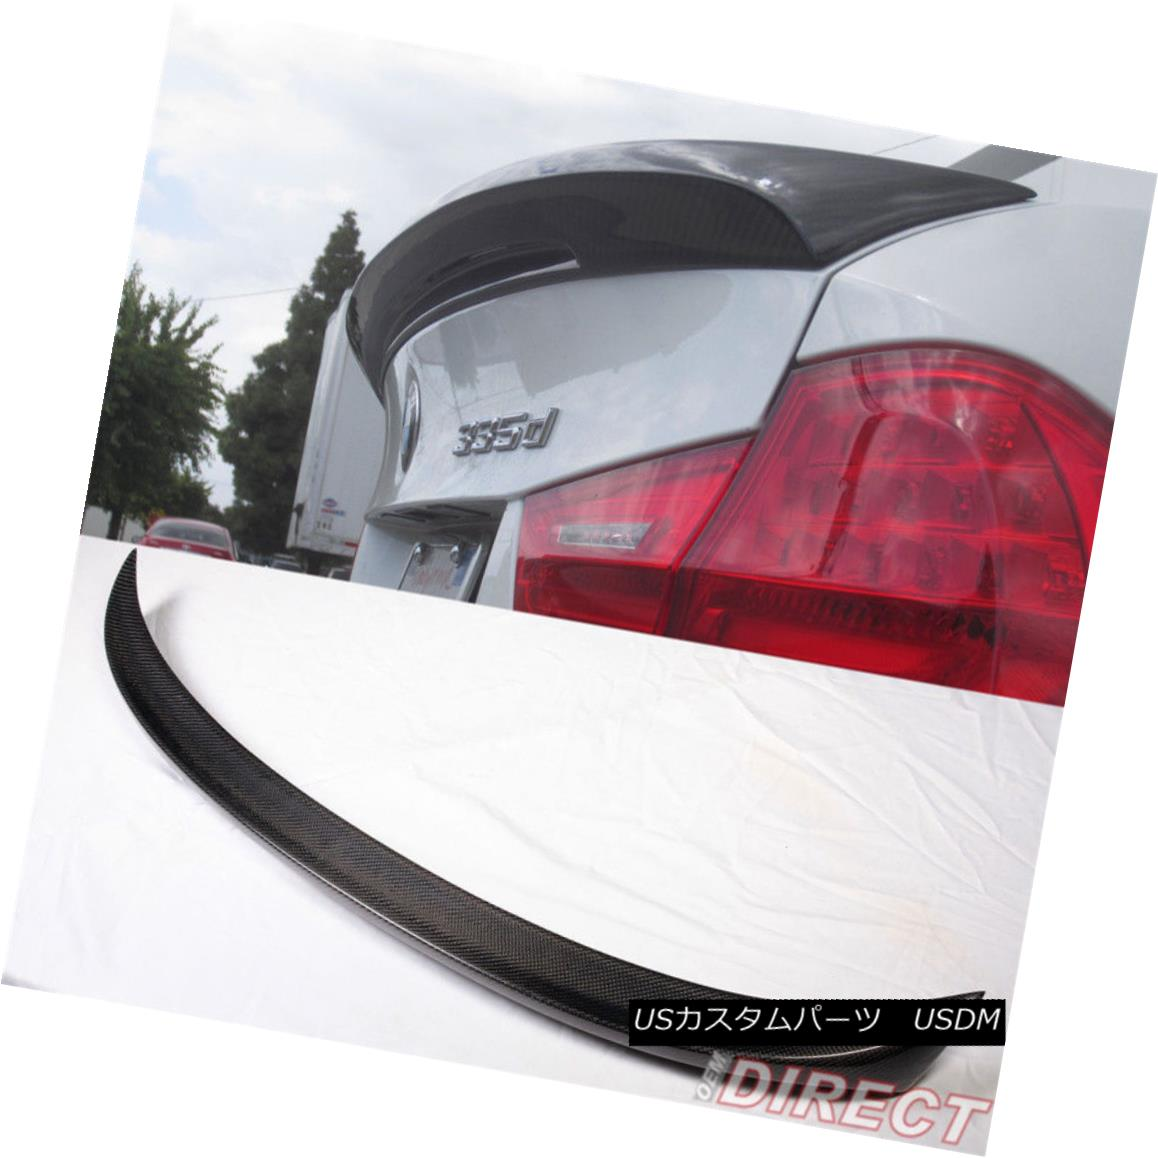 エアロパーツ 05-11 BMW E90 3-Series Sedan Mtech Msport Carbon Fiber Trunk Spoiler CF 05-11 BMW E90 3シリーズセダンMtech Msport炭素繊維トランク・スポイラーCF